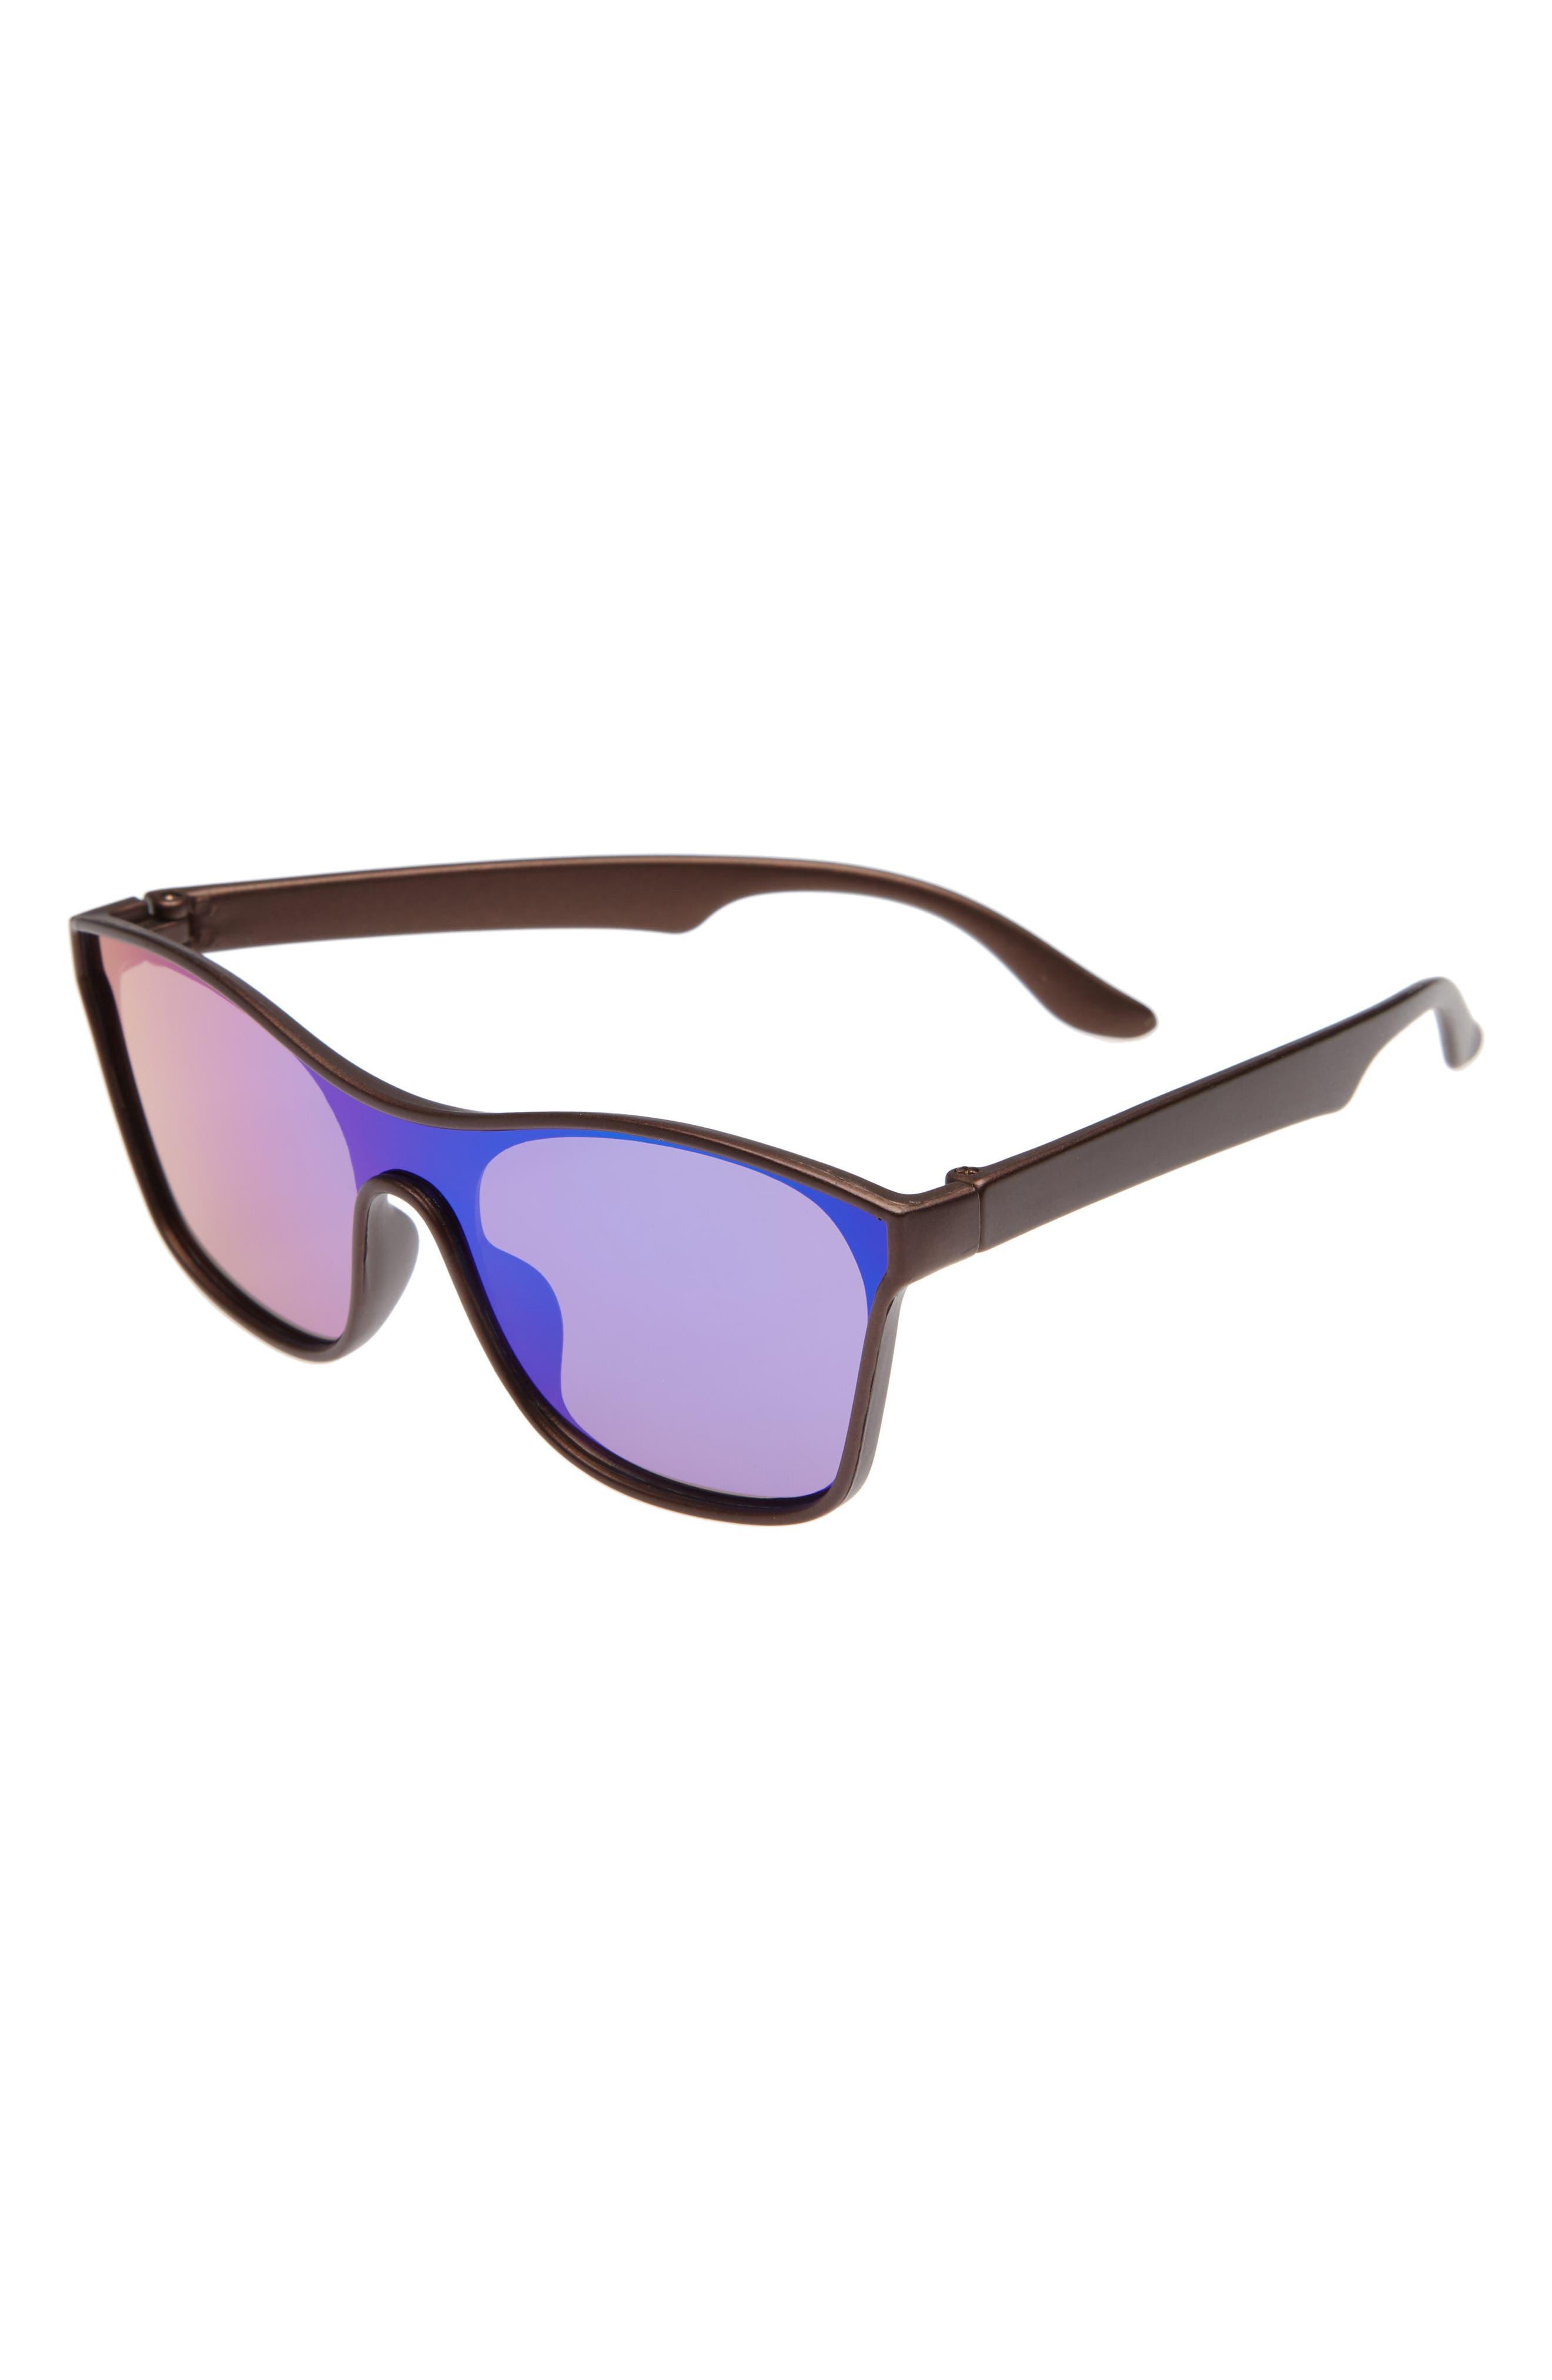 Mirrored Sunglasses,                         Main,                         color, 200